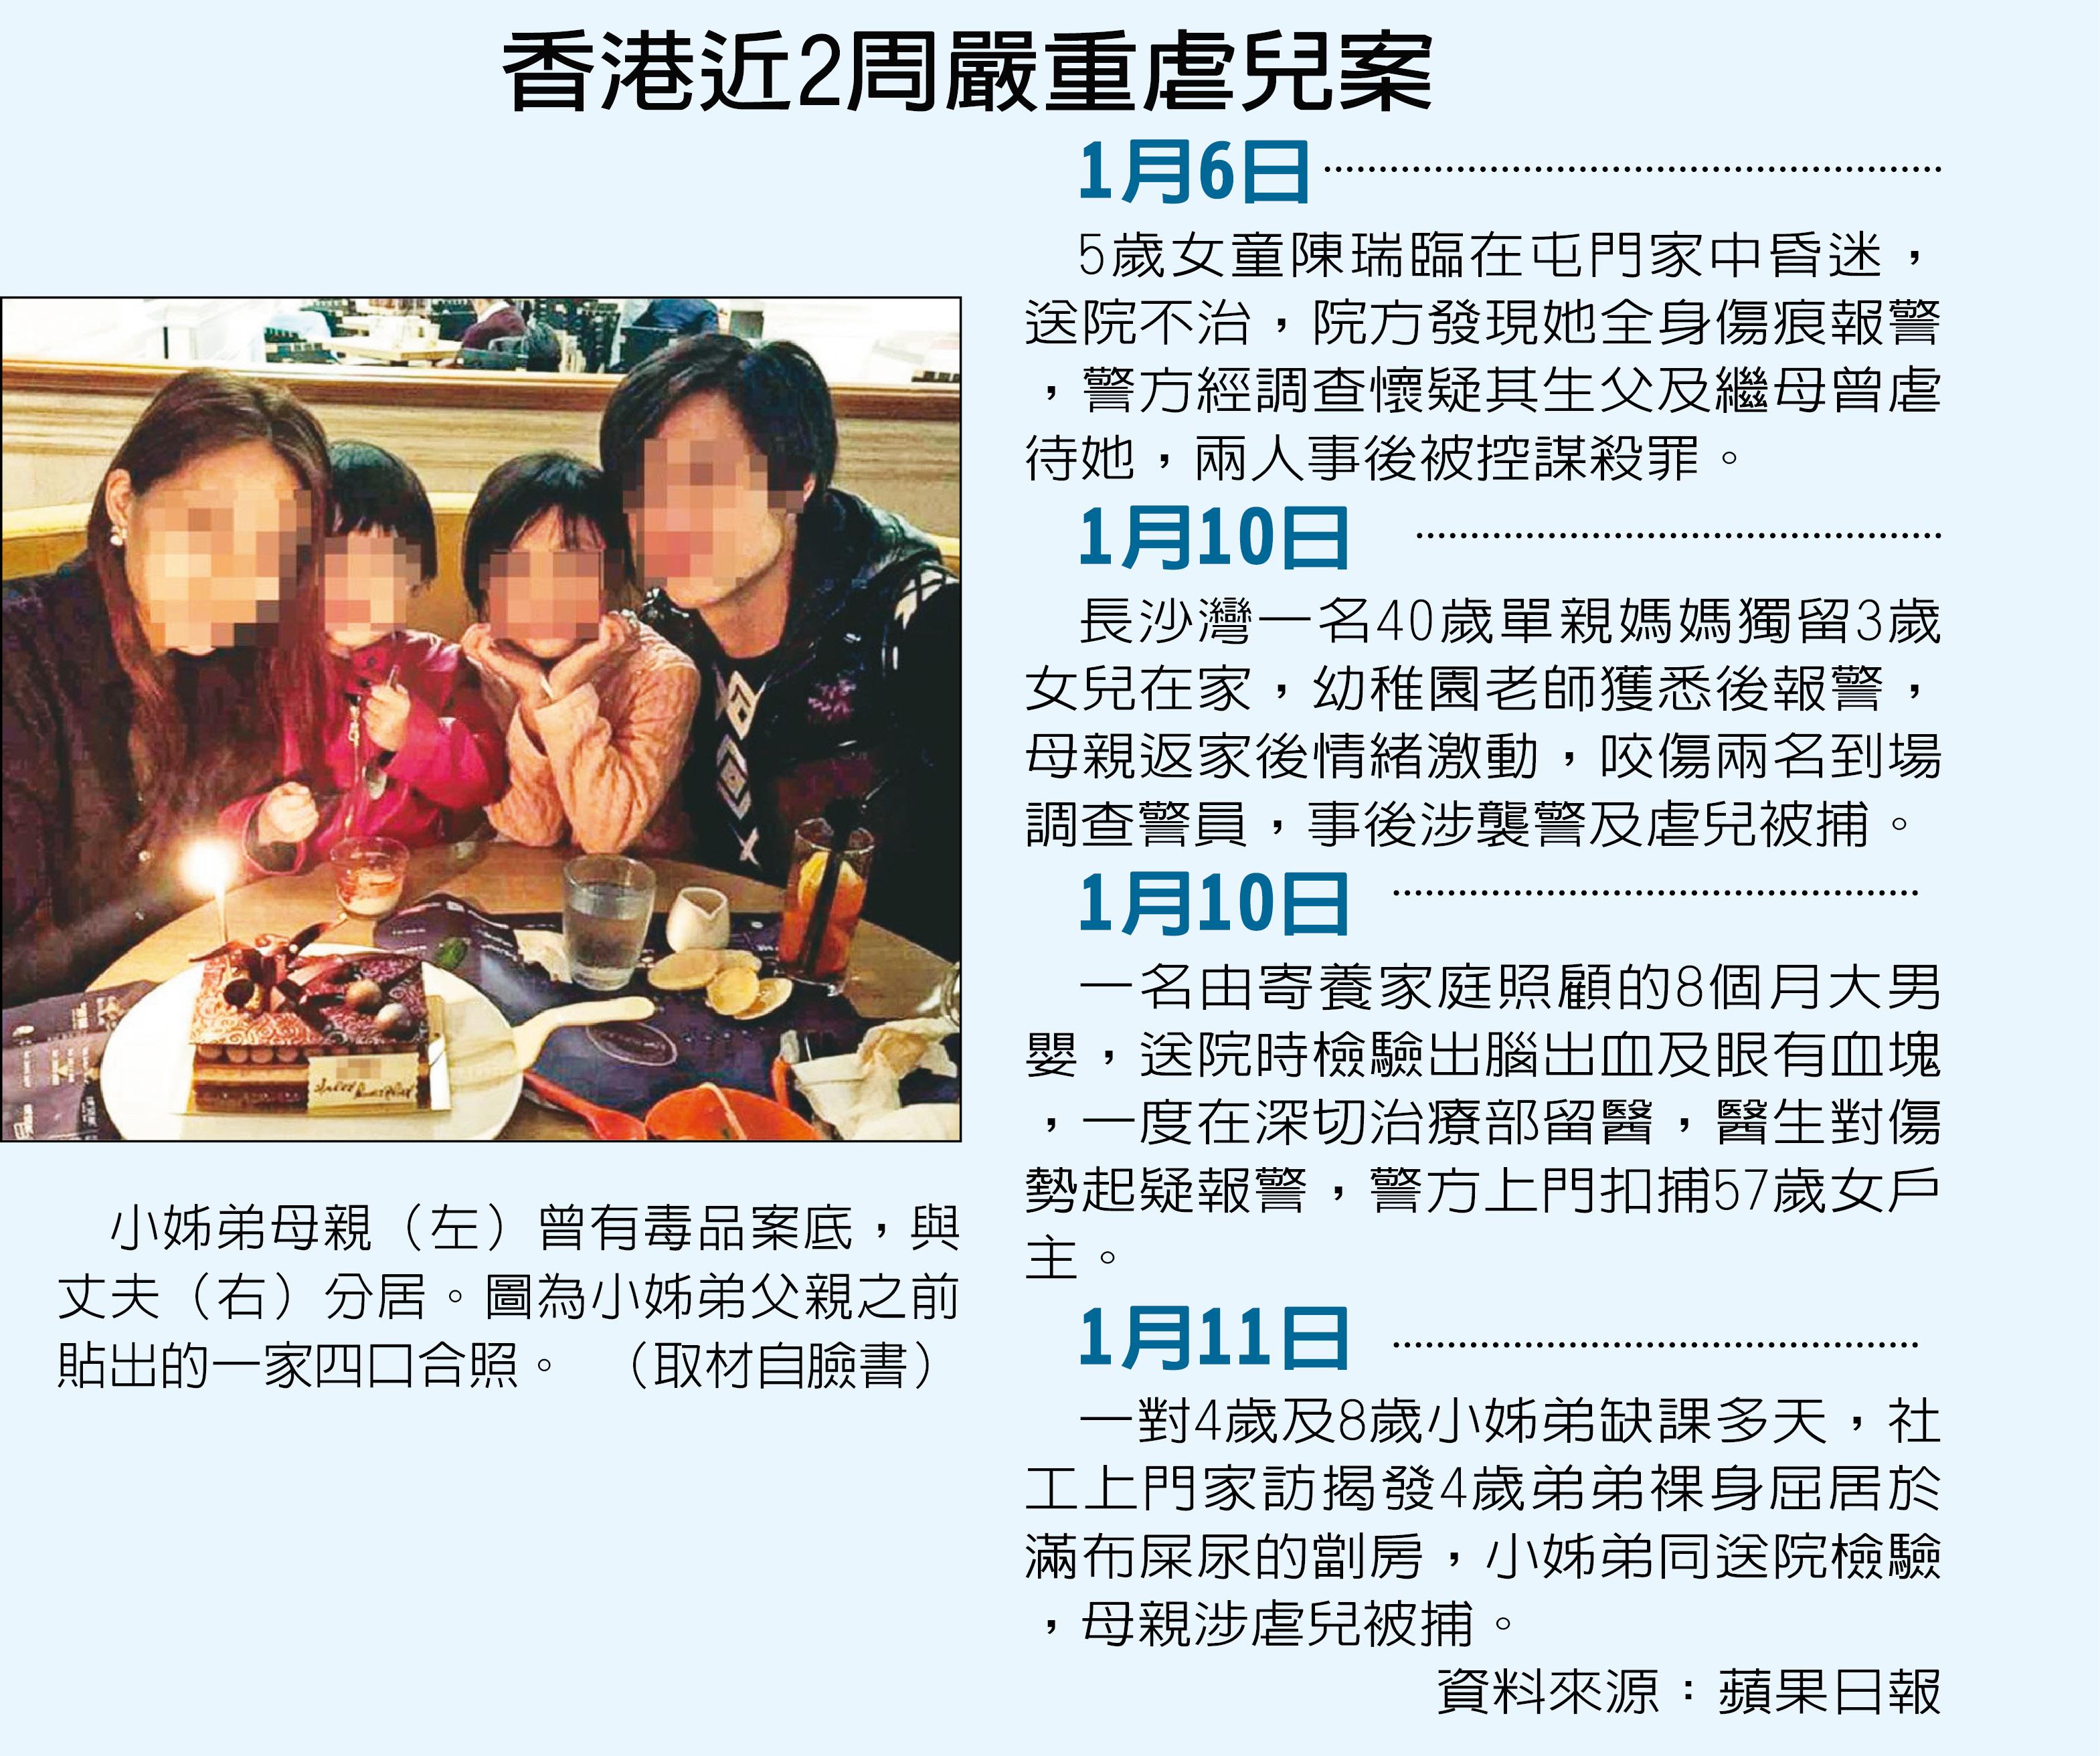 香港近2周嚴重虐兒案